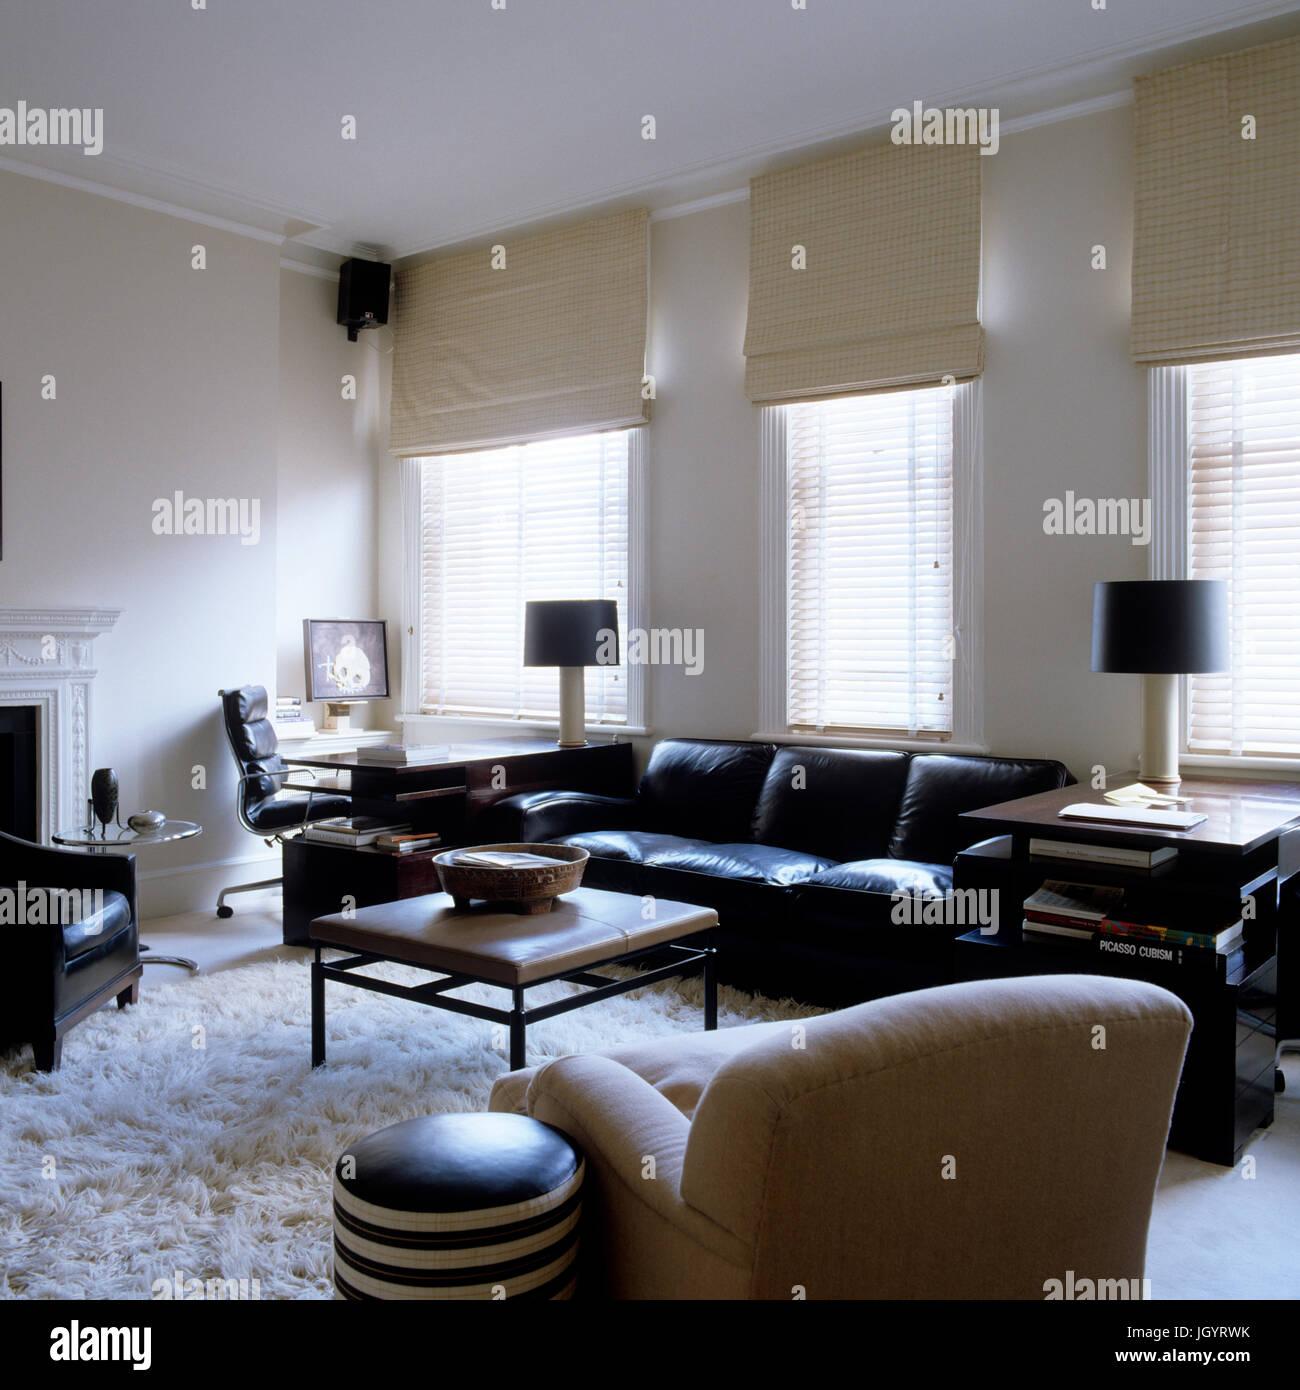 wohnzimmer im modernen stil - Wohnzimmer Im Modernen Stil